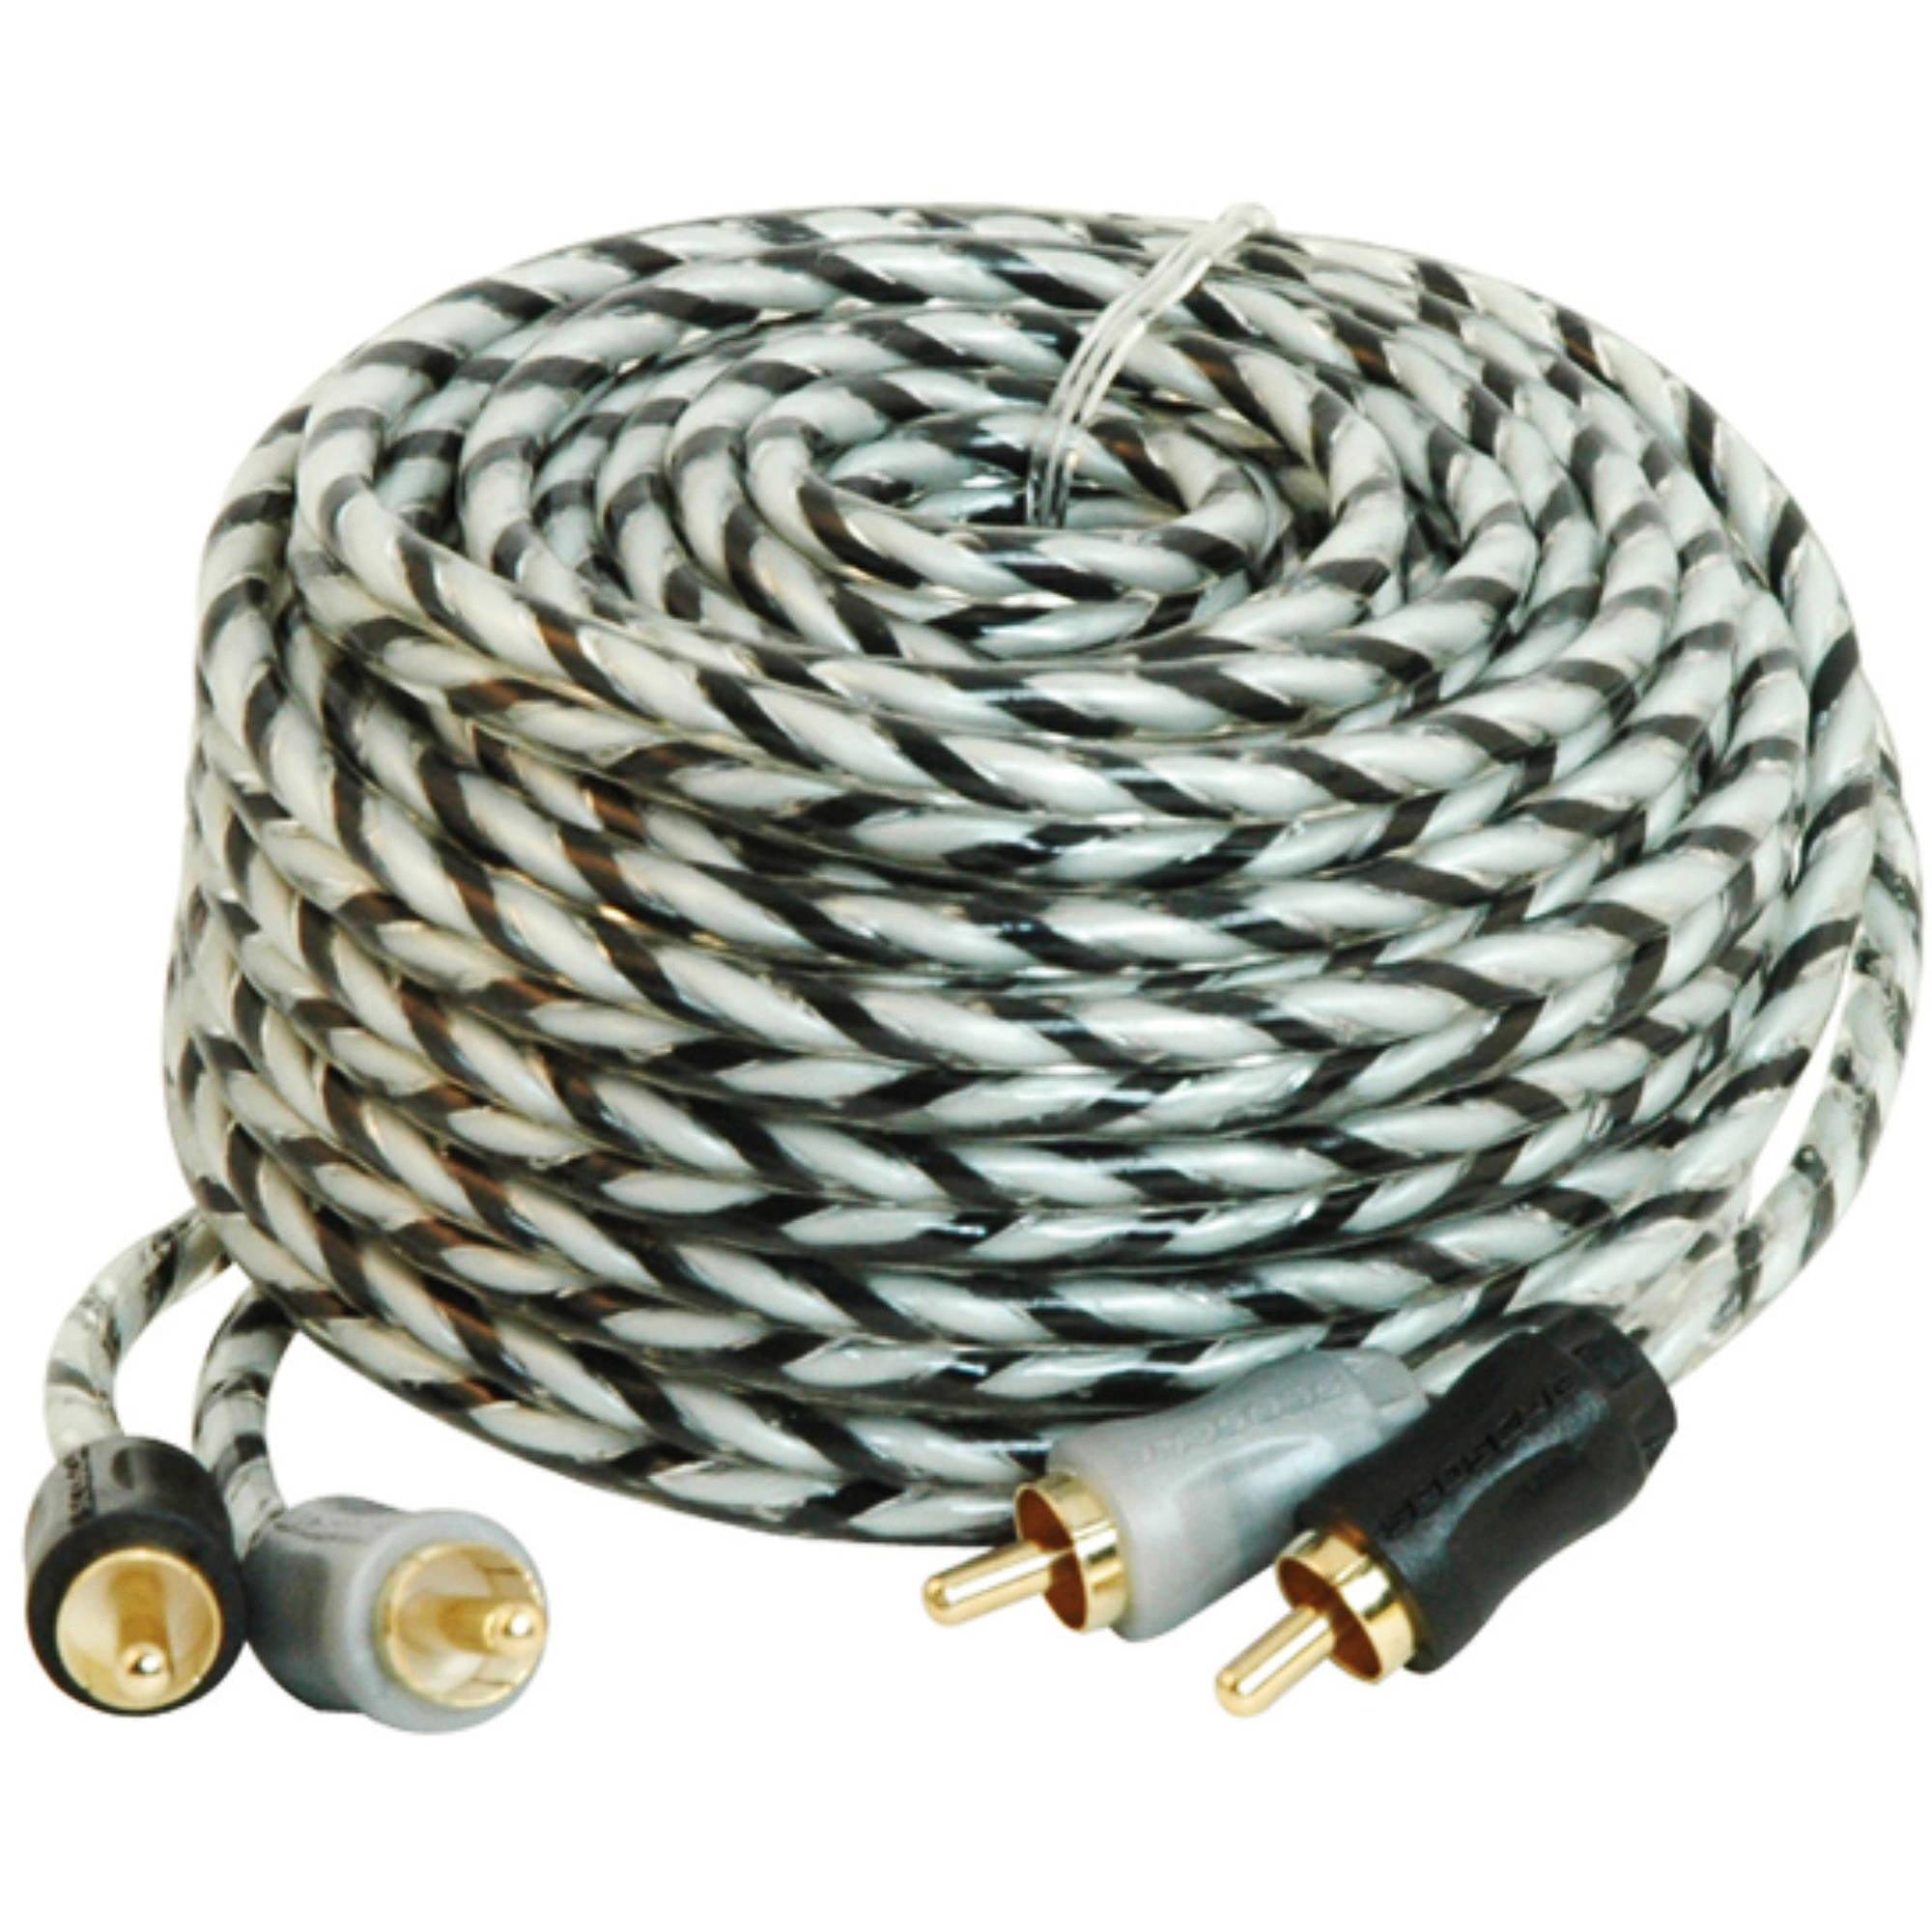 Scosche 25' RCA Audio Cable